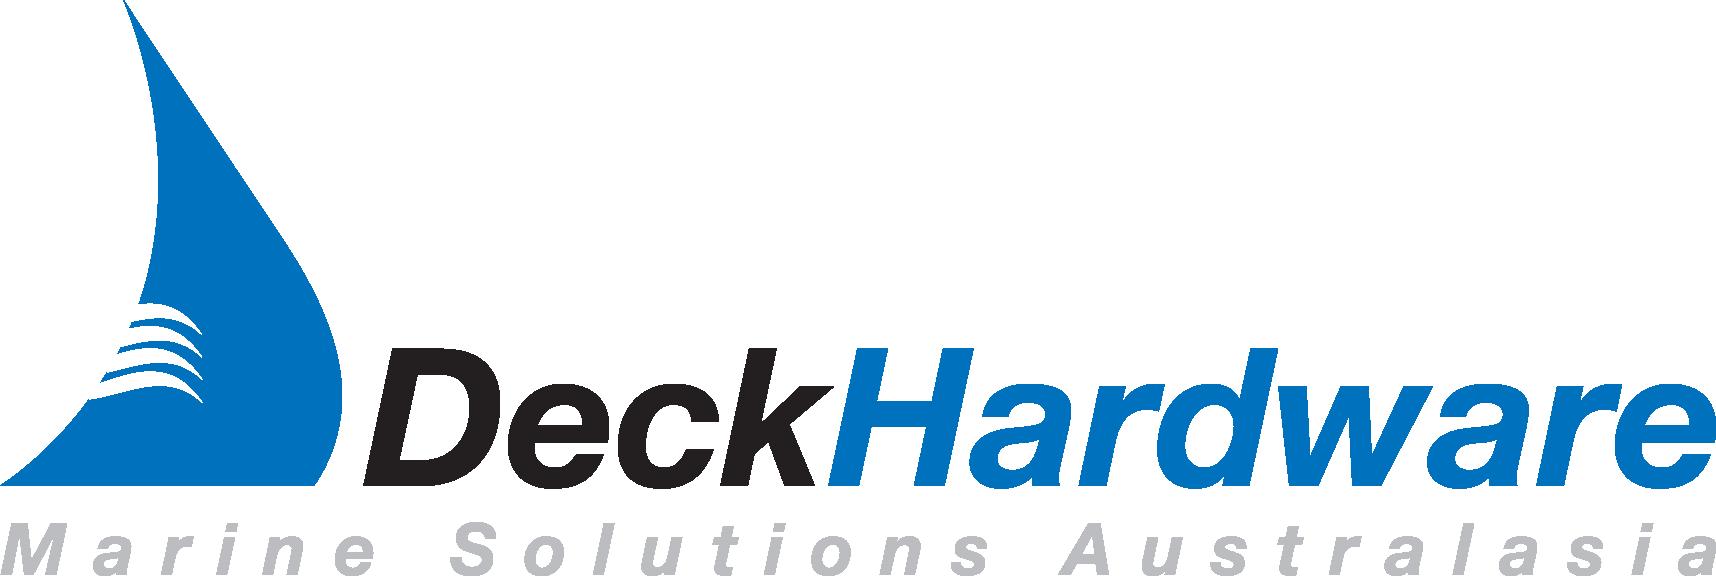 DeckHardware Logo